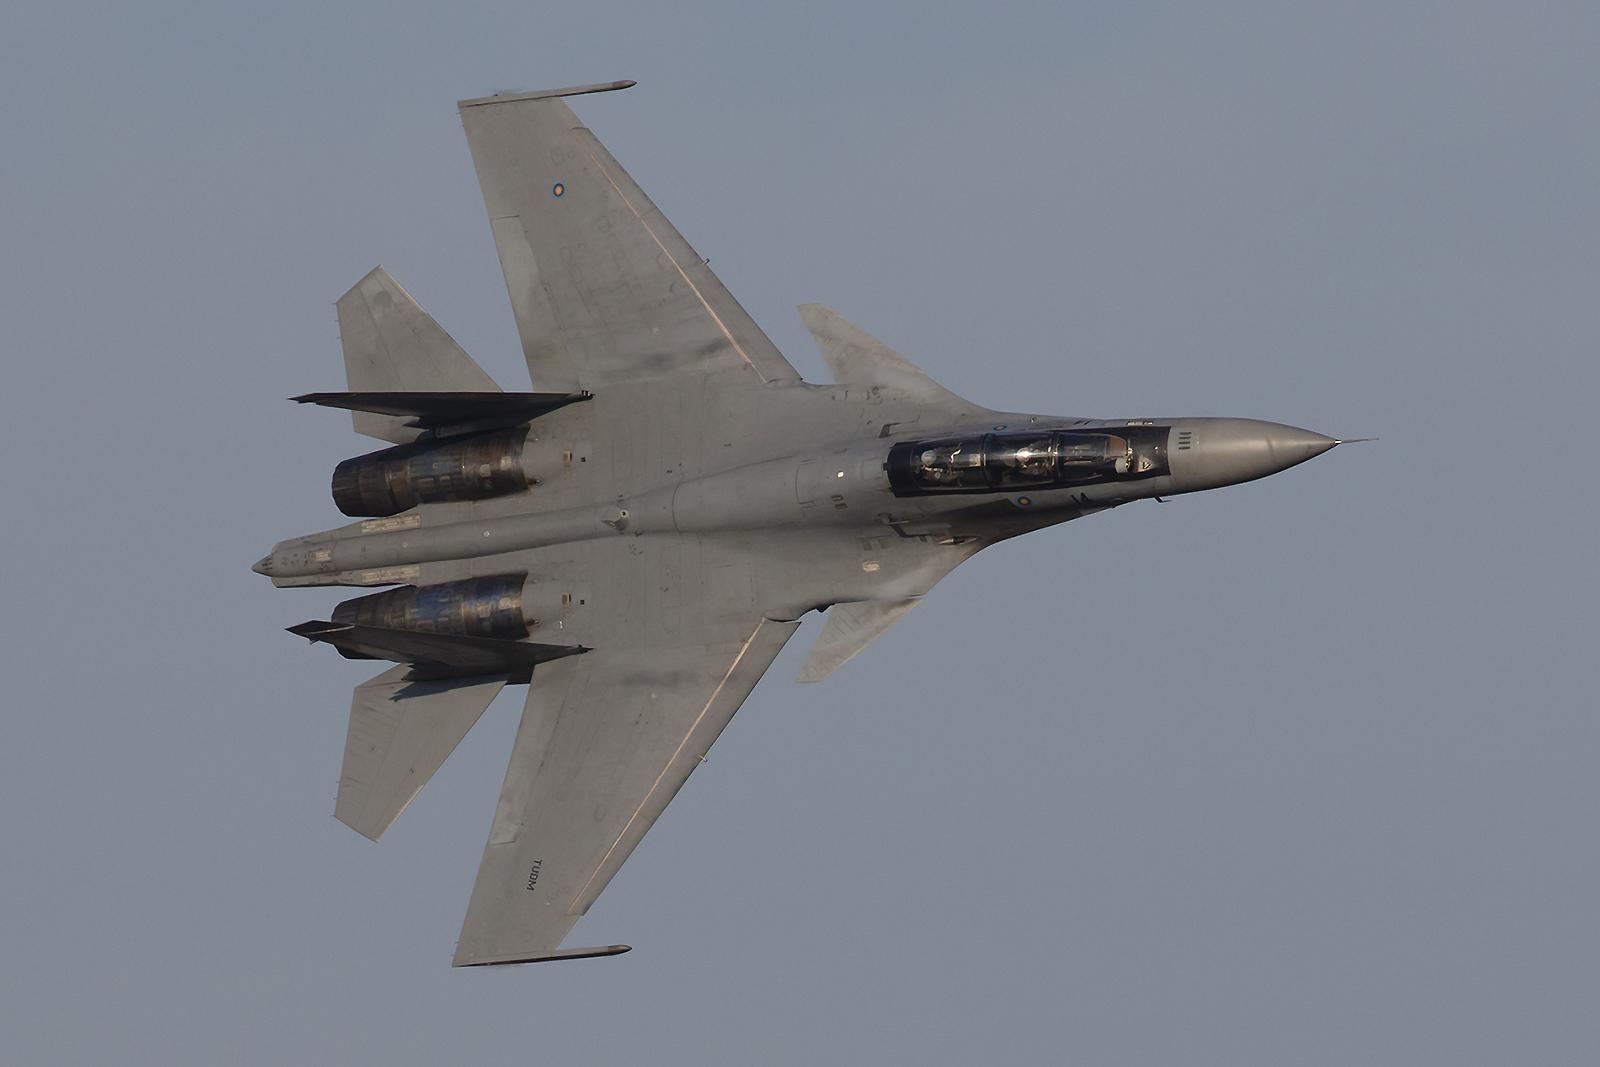 Die wahre Königin der Lüfte aber ist sie, die Sukhoi Su-30MKM.